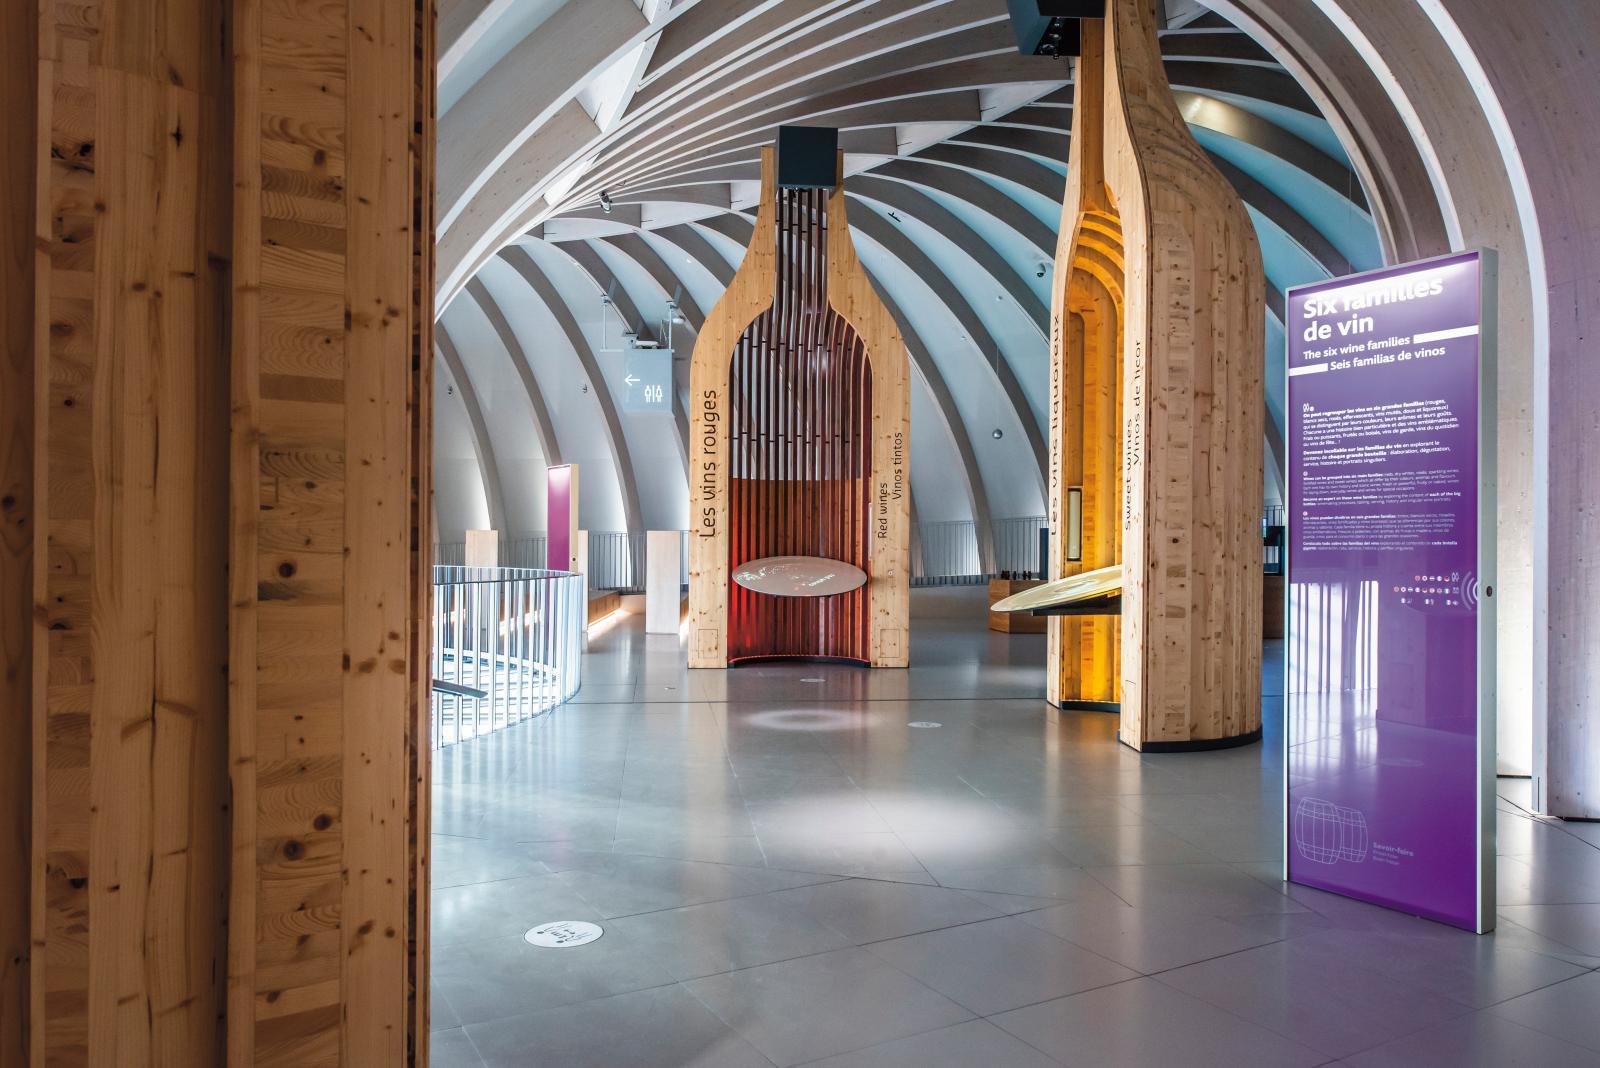 Espace consacré aux six familles de vin.© anaka - cité du vin - xtu architects